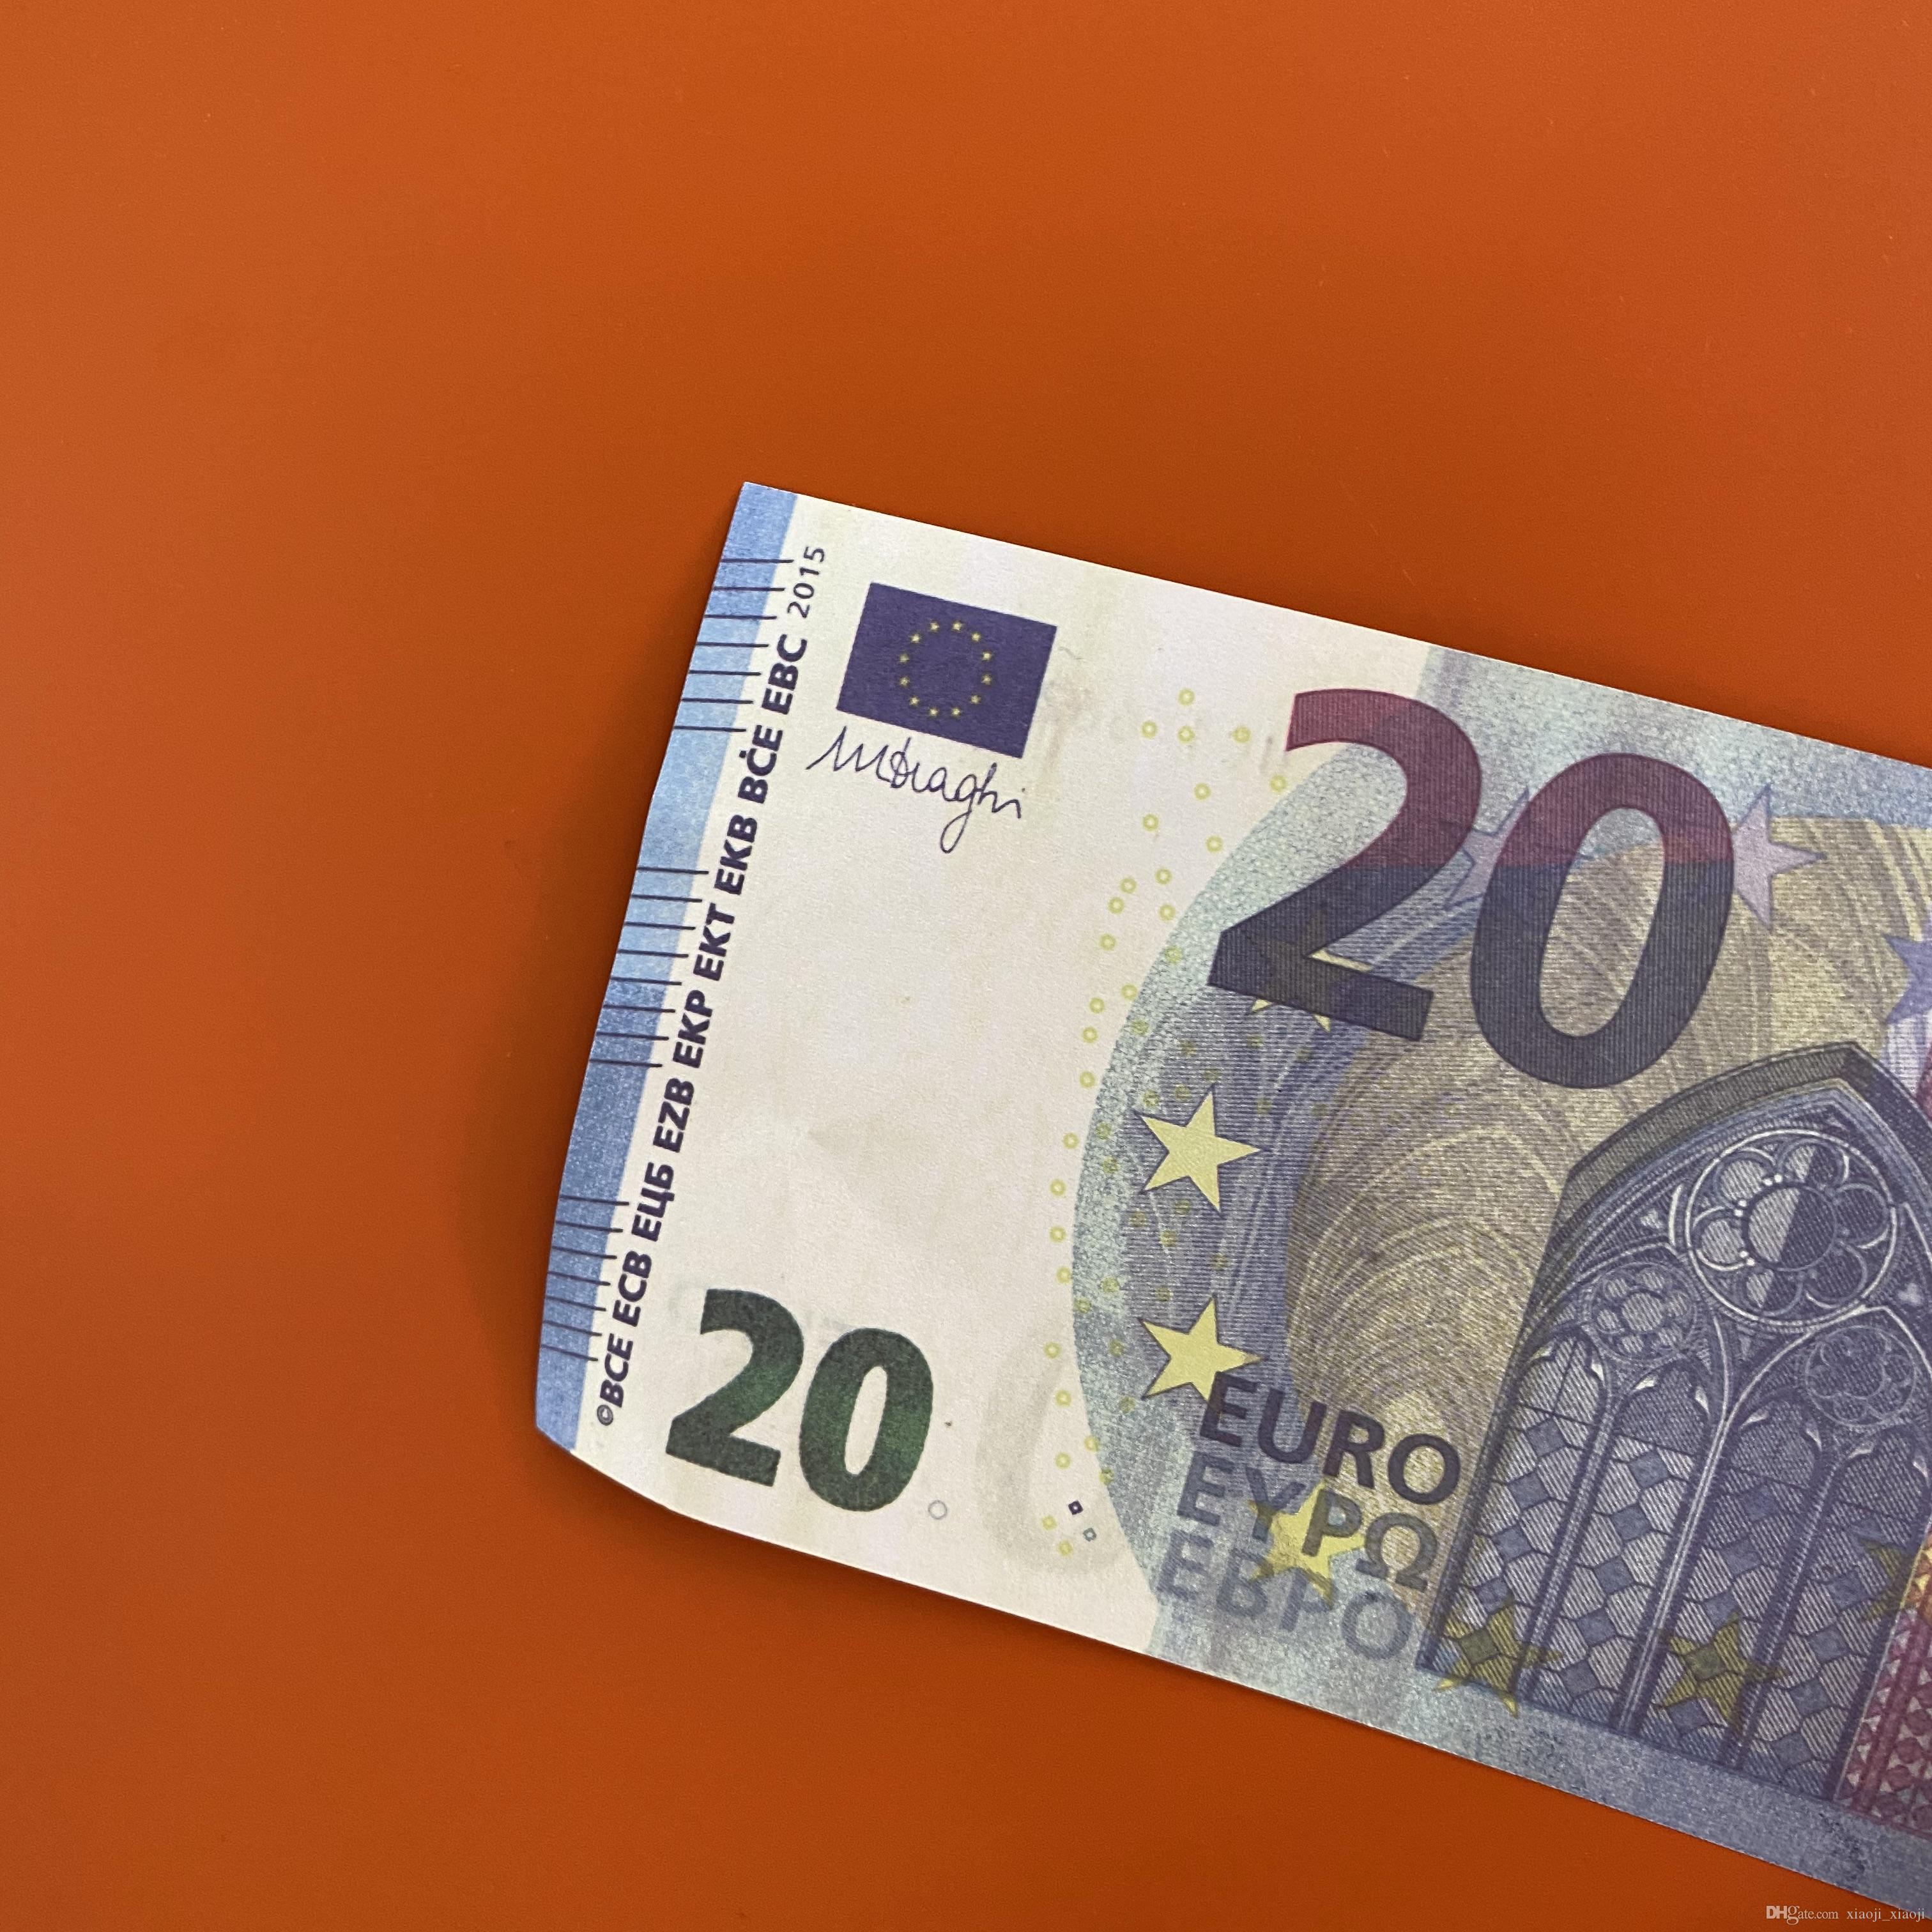 01 Movie Euro Vendita del partito del partito del partito Fake Toy Trasporto qualità Best Banconota Banconota Biglietti Billette Banconota Banconota 20 Gioca denaro Fast Euro Prop KDMVG